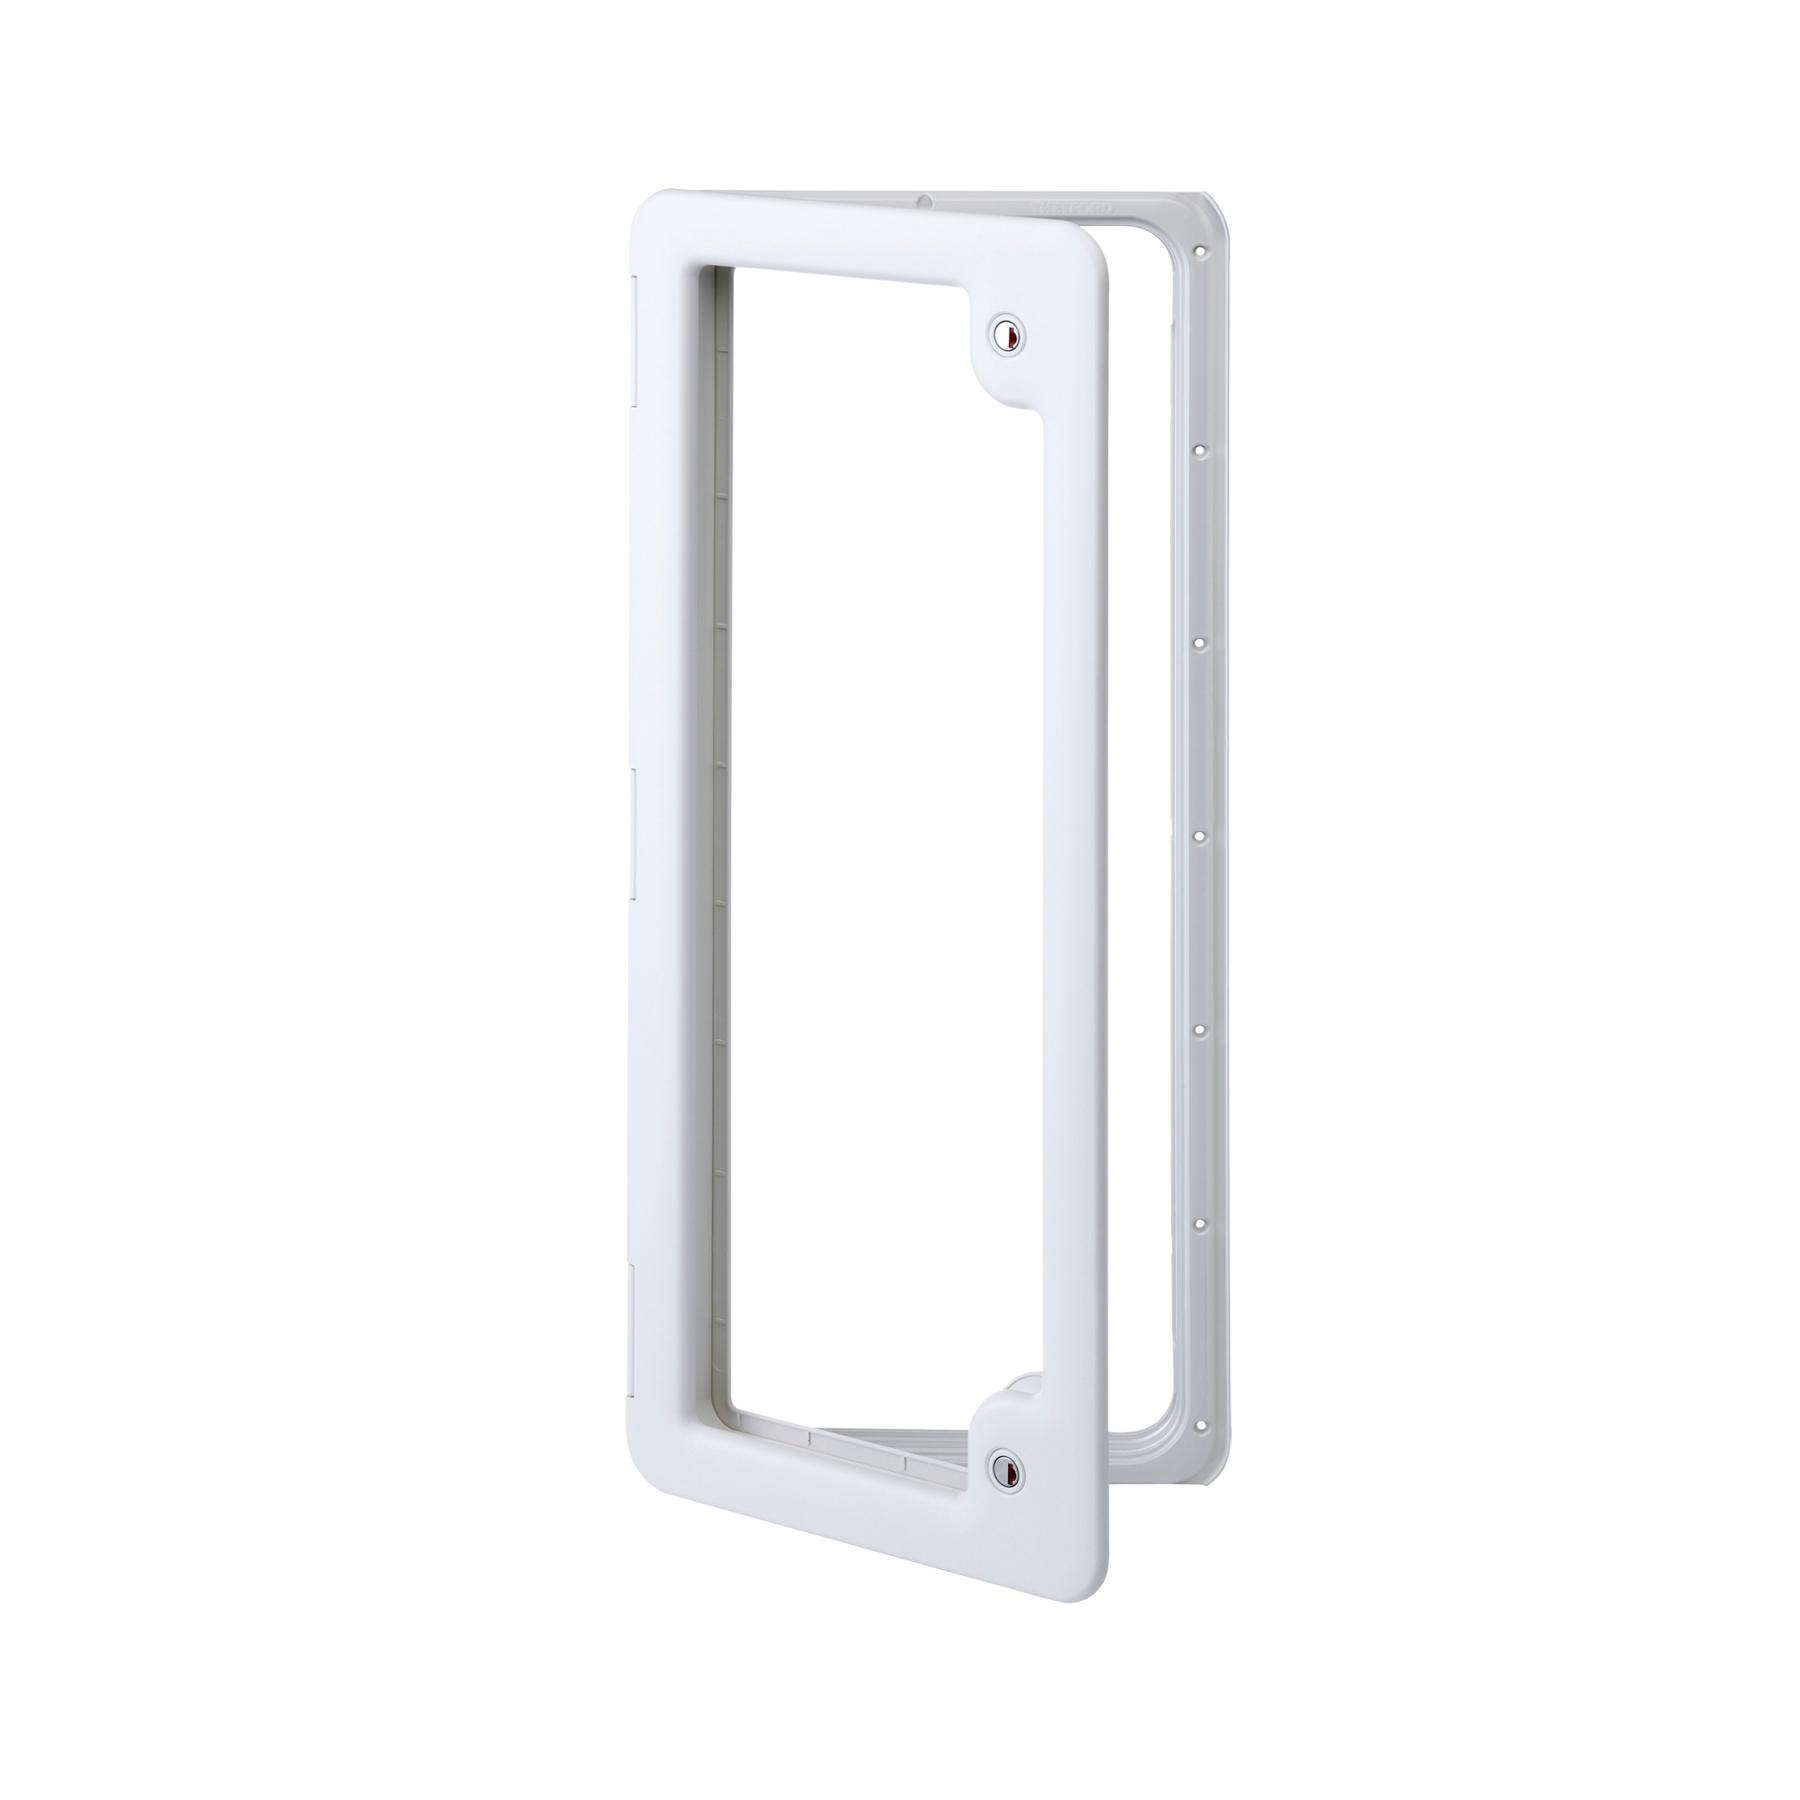 SERVICE DOOR 5 – LIGHT GREY/WHITE